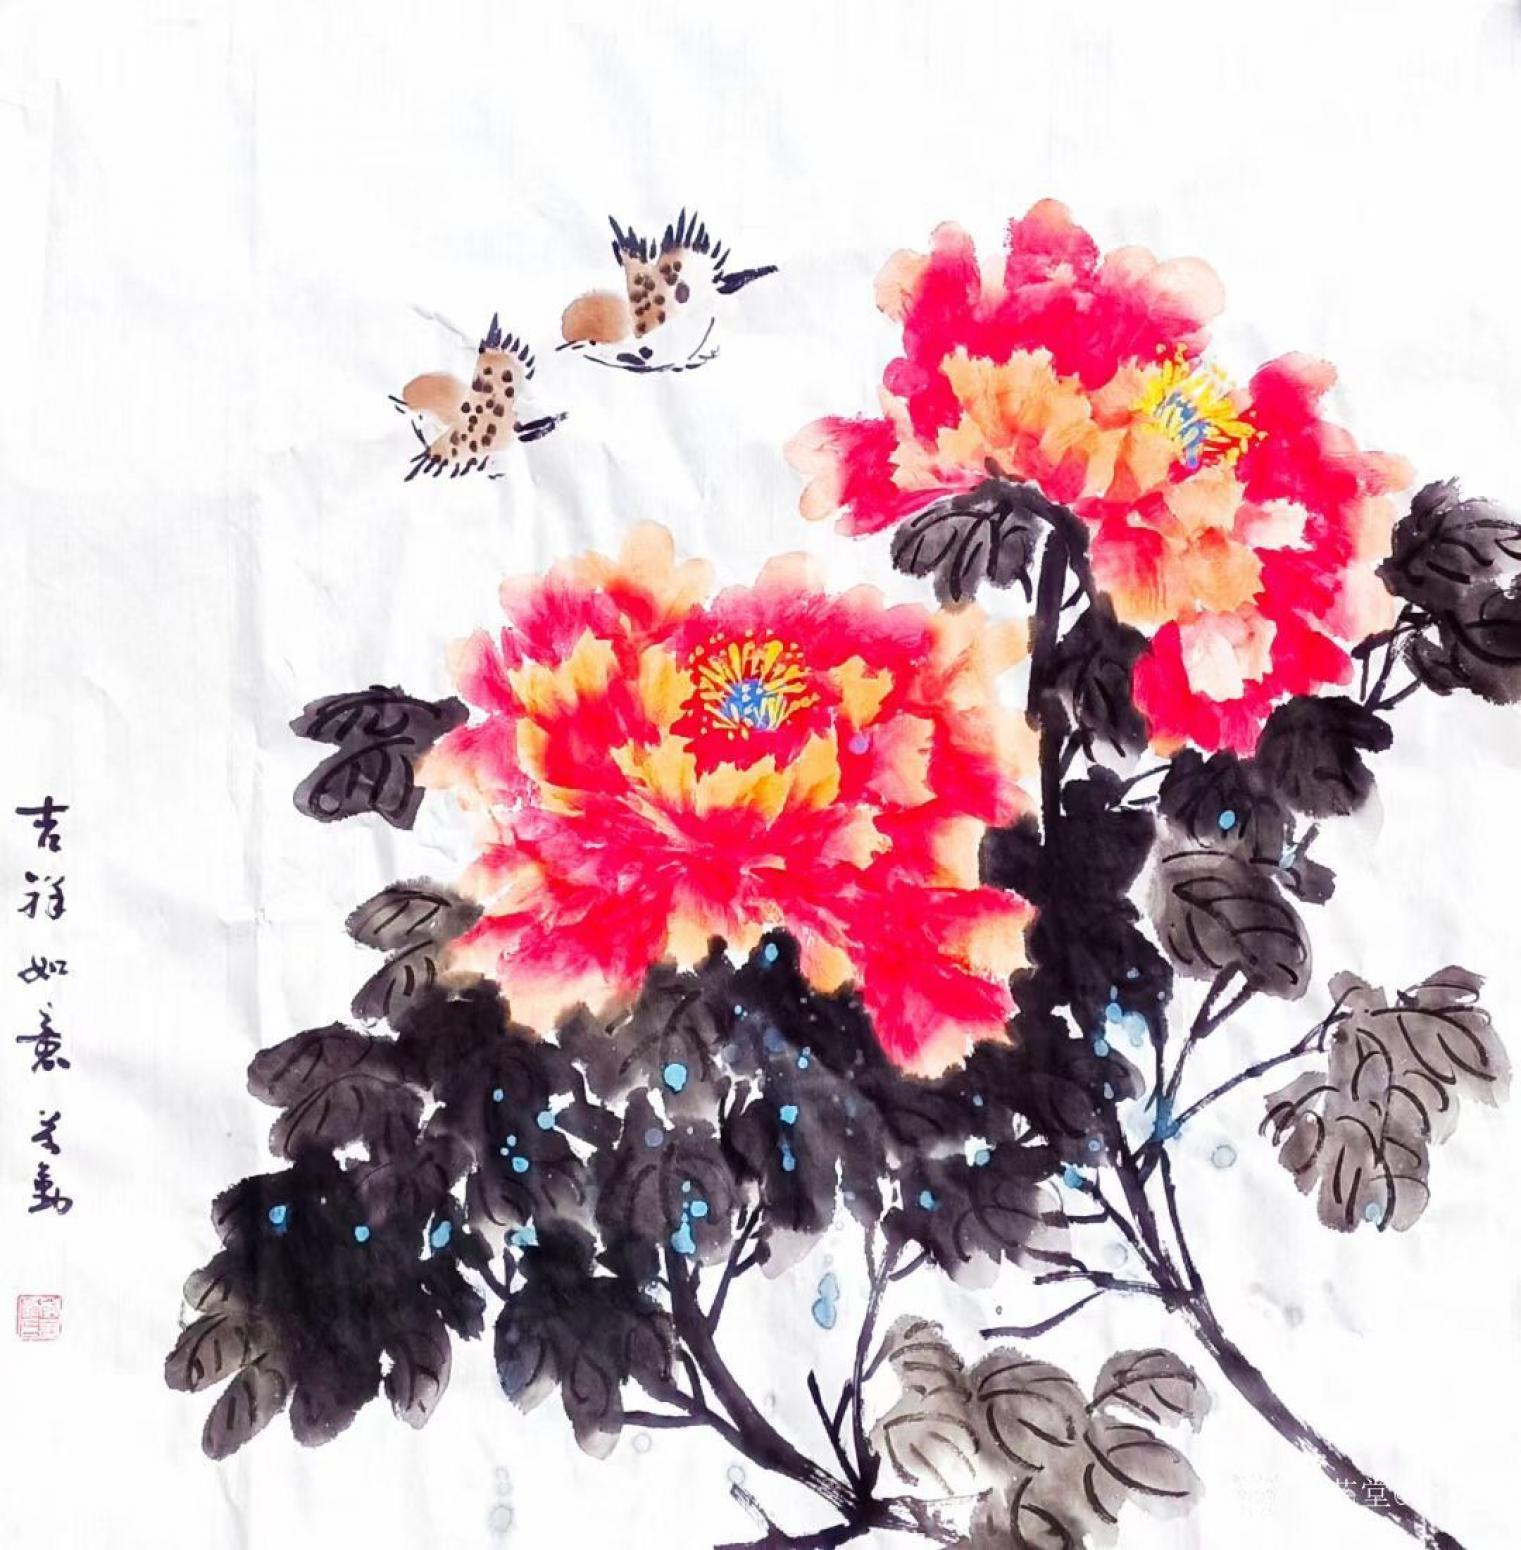 李万勤国画作品《花鸟牡丹-吉祥如意》